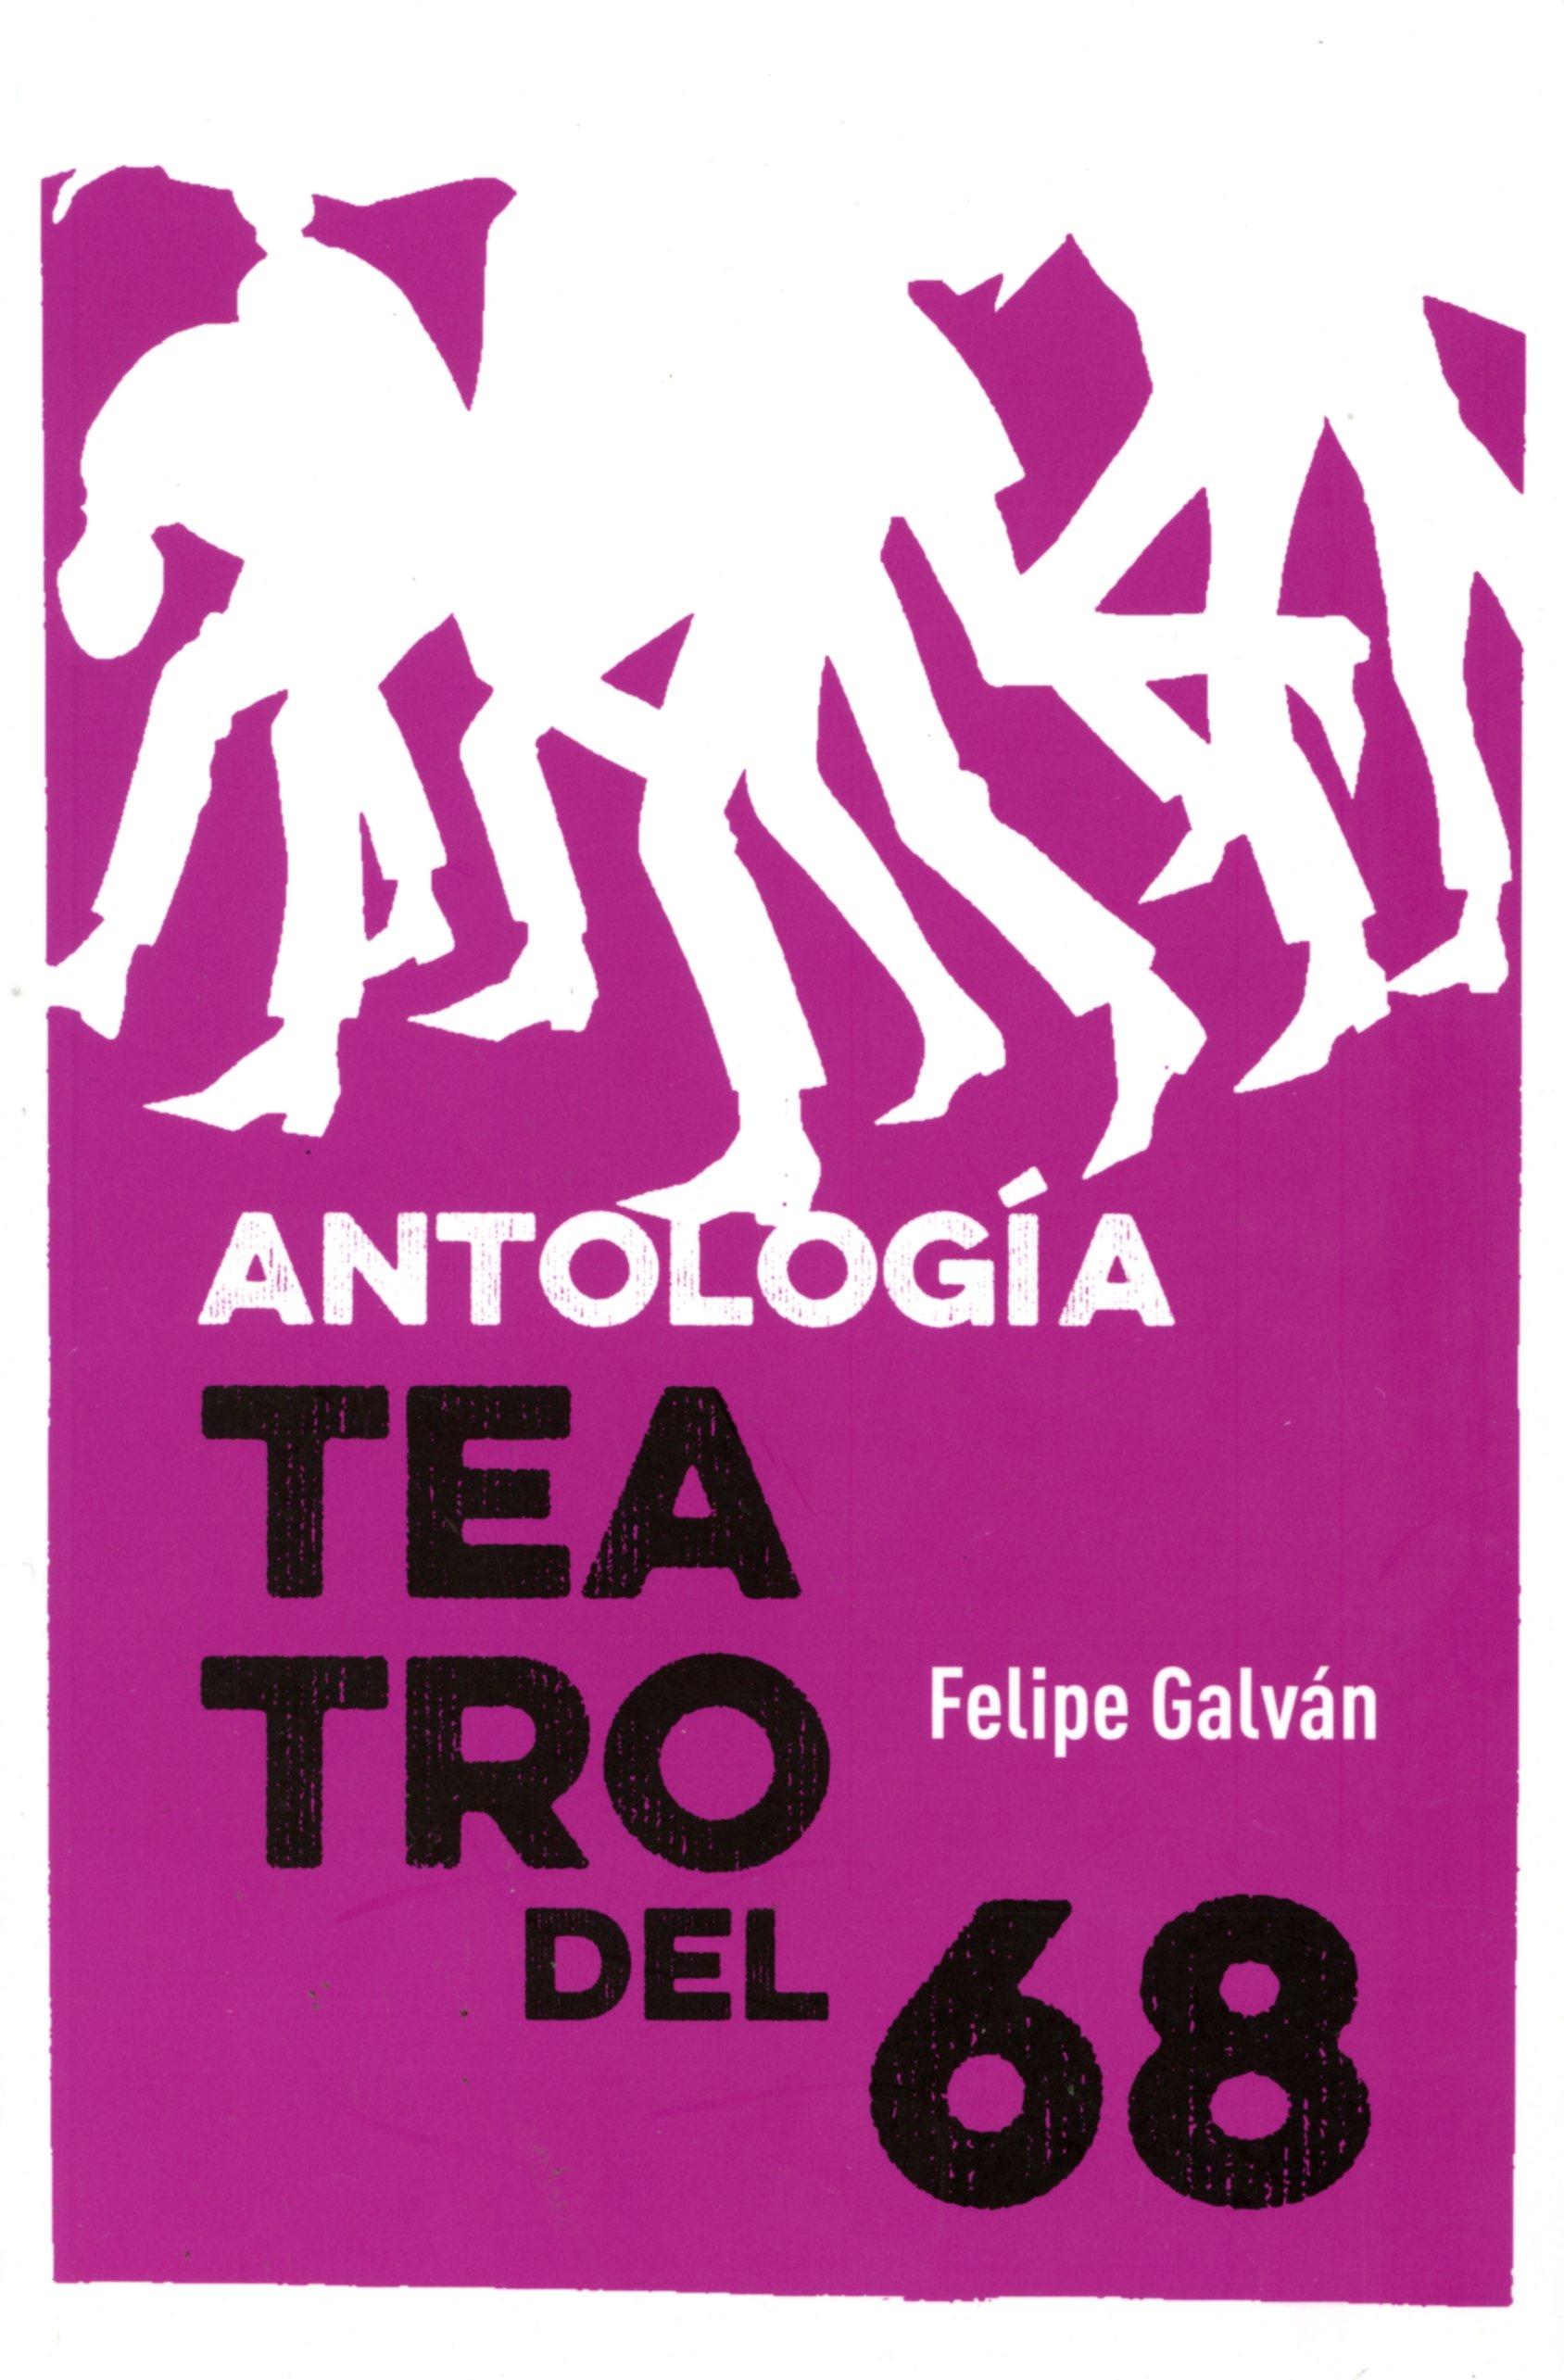 Antología teatro del 68